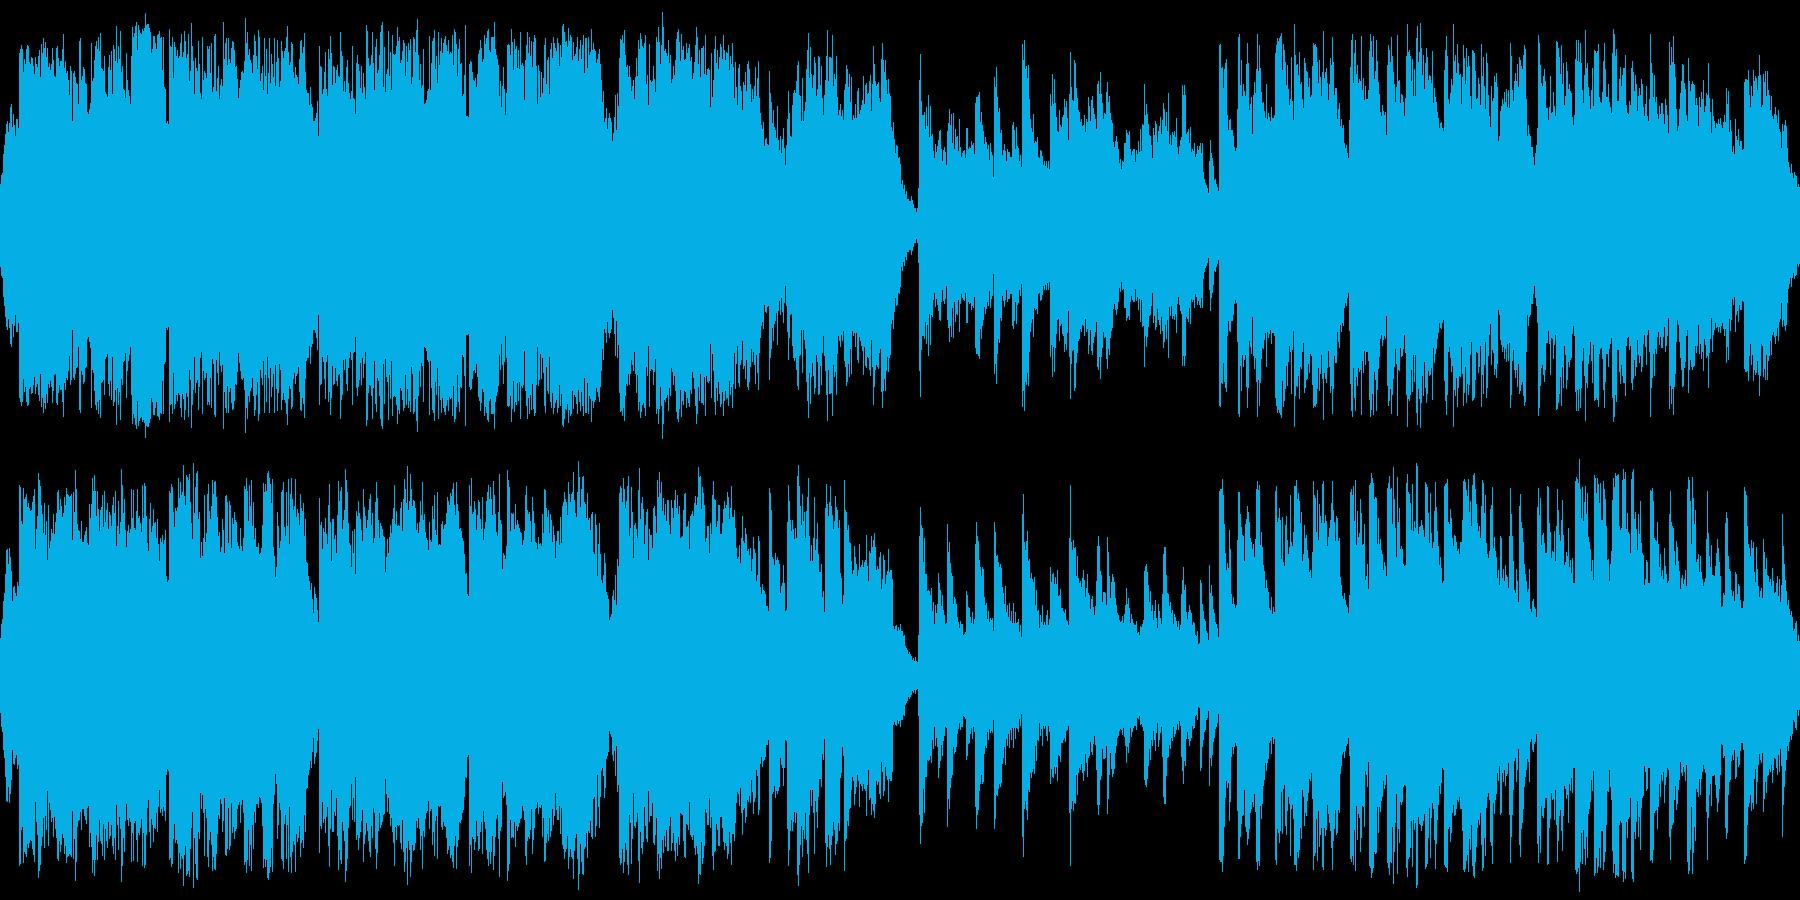 ドラマティックな侘び寂び 和風ループ仕様の再生済みの波形